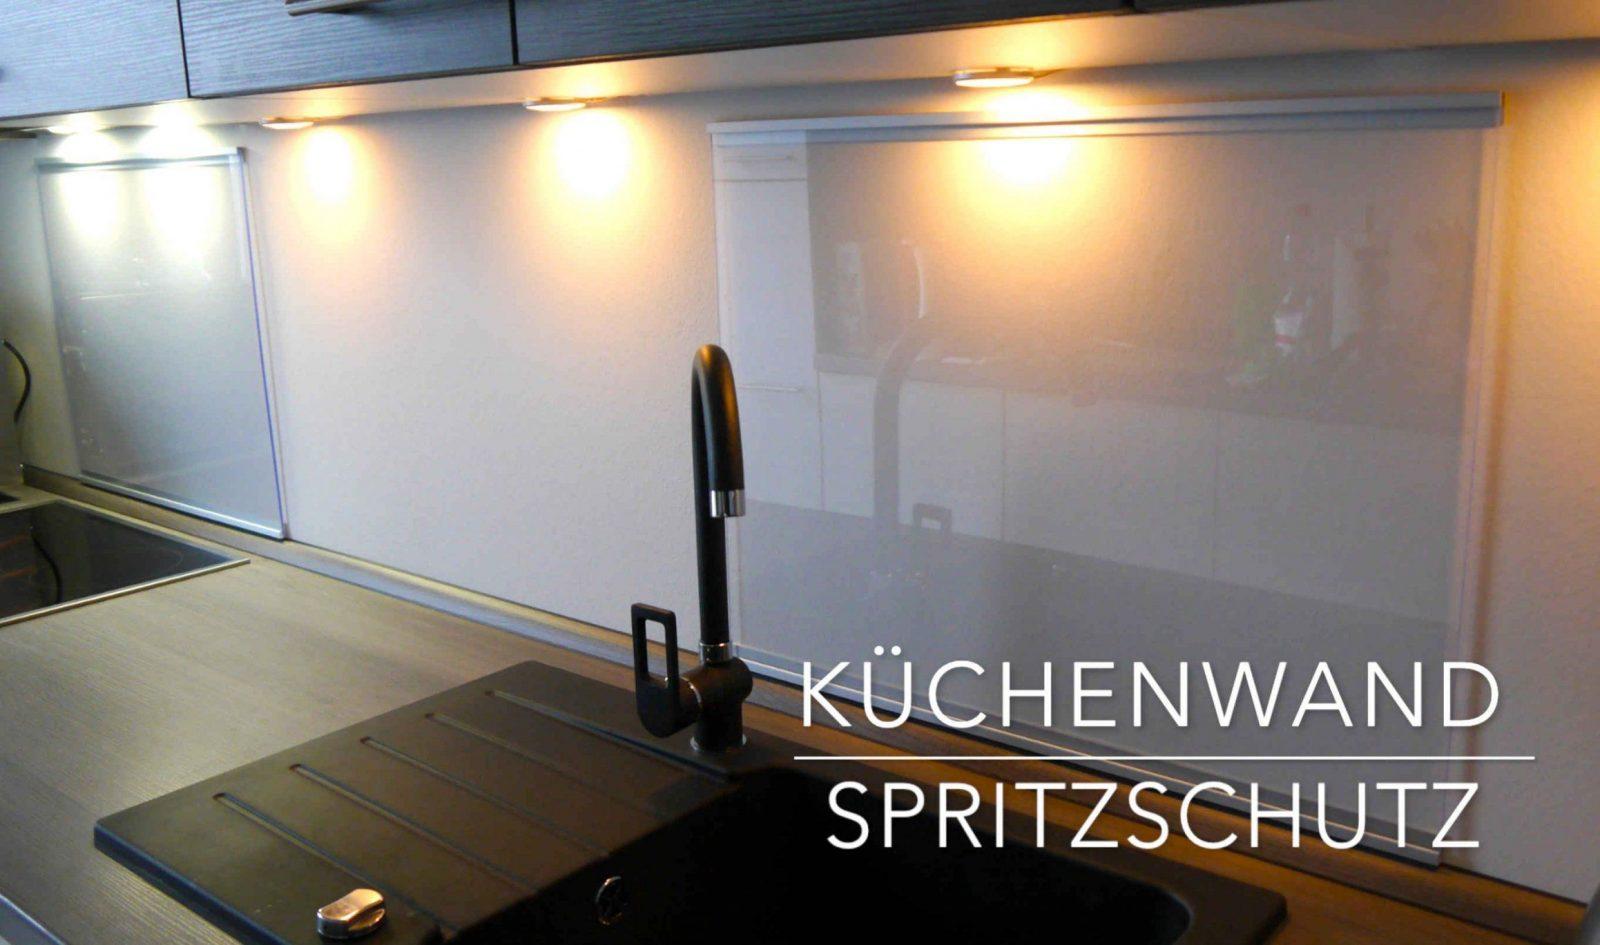 Küchen Wand Spritzschutz Aus Plexiglas  Selber Bauen  Anleitung von Wandverkleidung Küche Selber Machen Bild